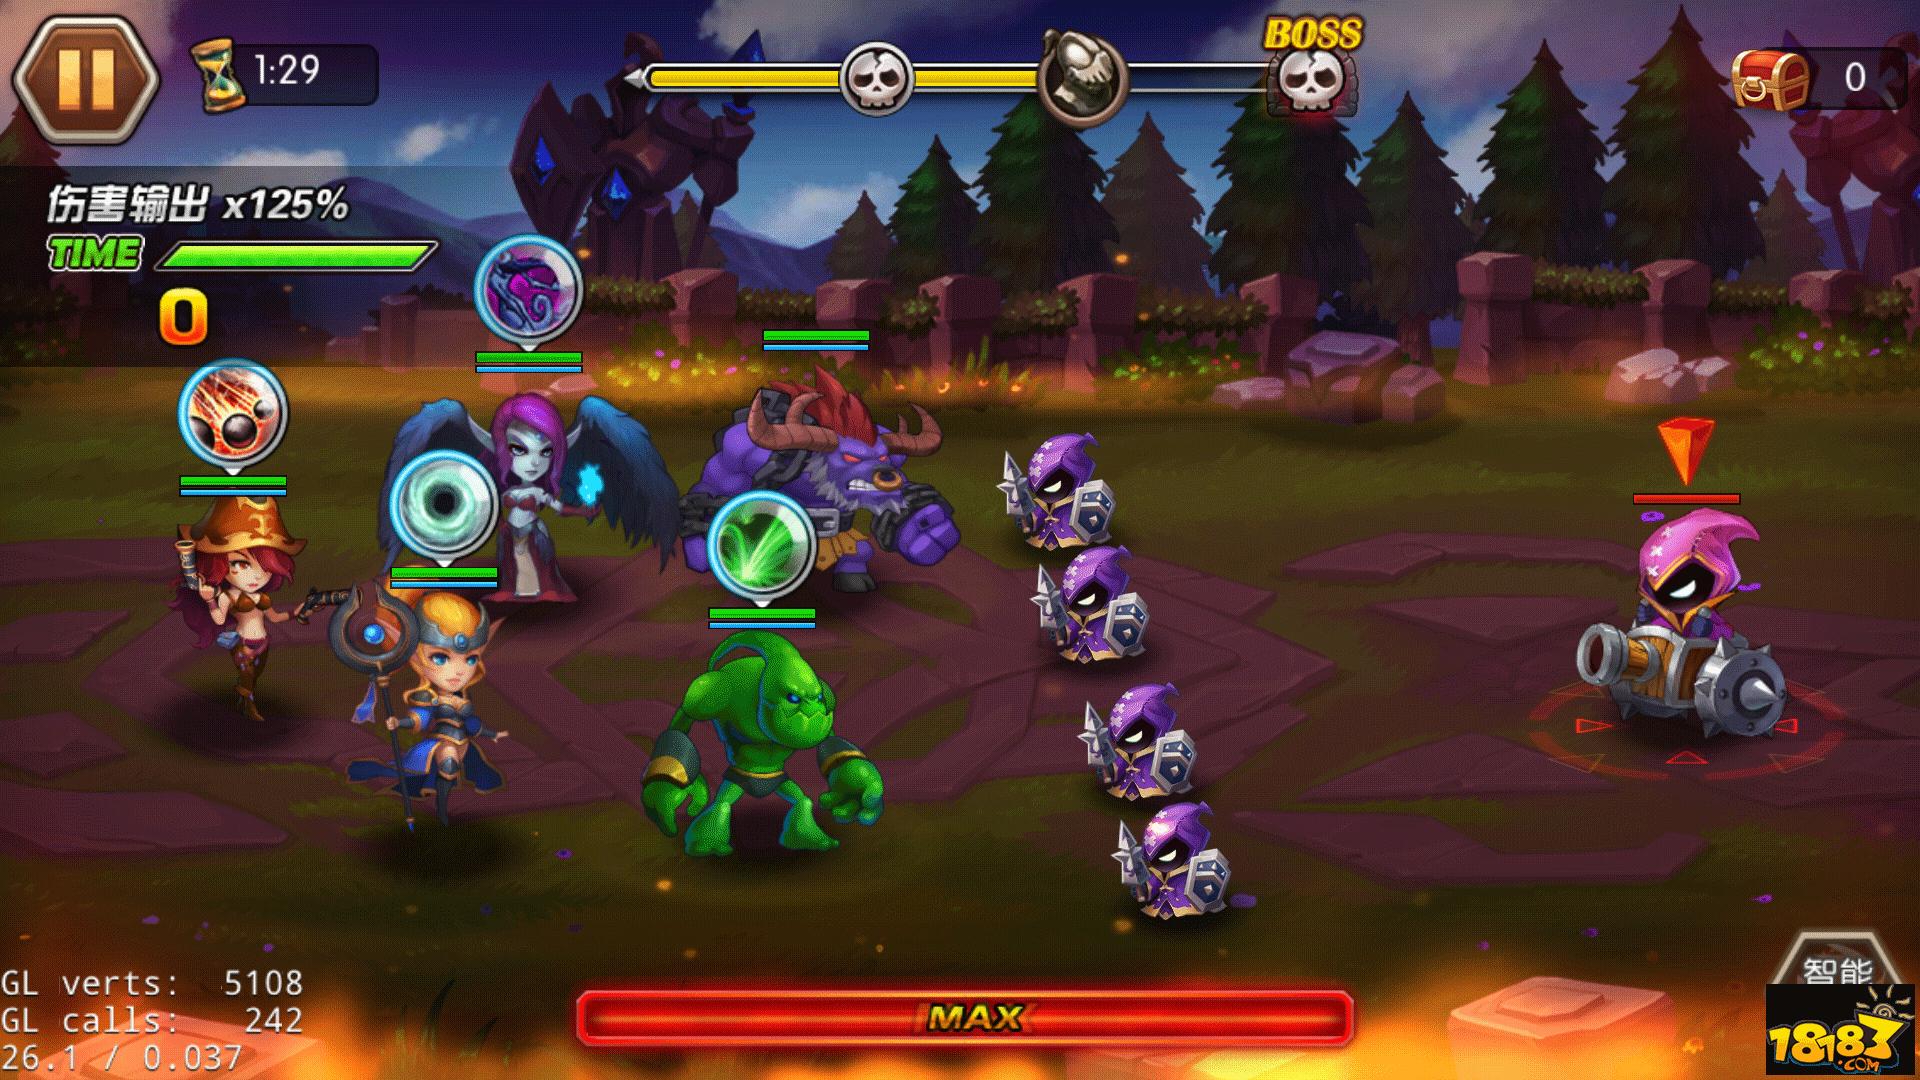 LOL Arena có tính chiến thuật chuyên sâu vãi nồi! 1